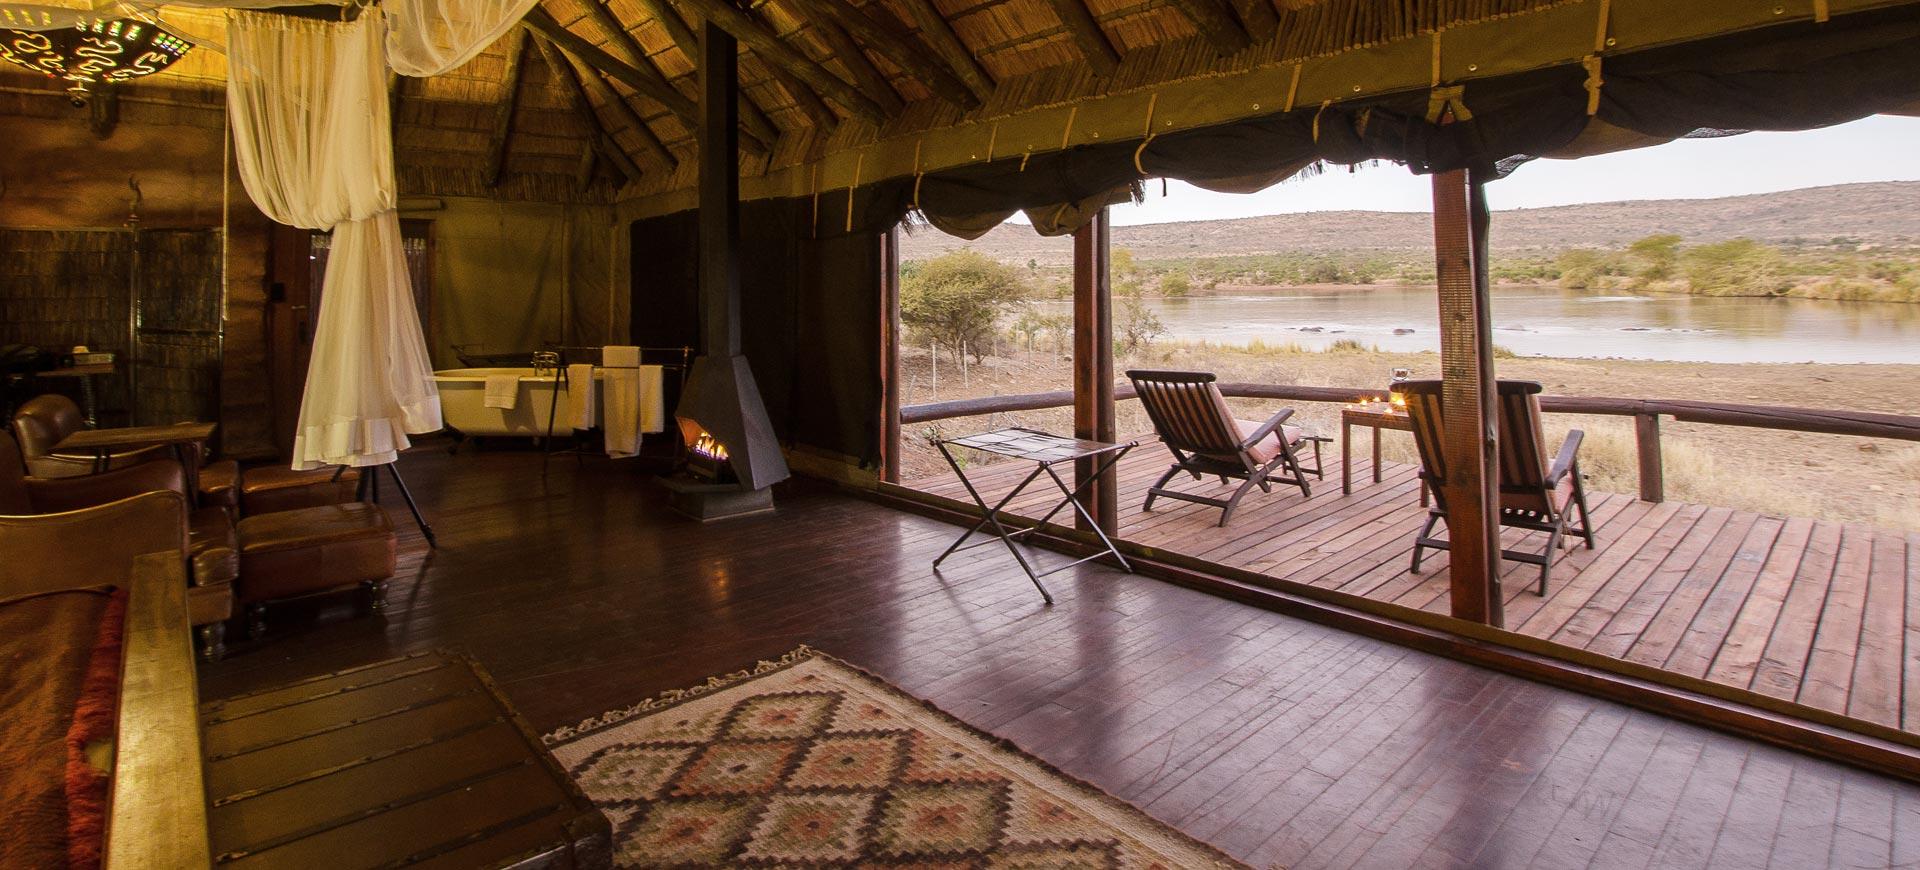 Shawu Camp In Kruger